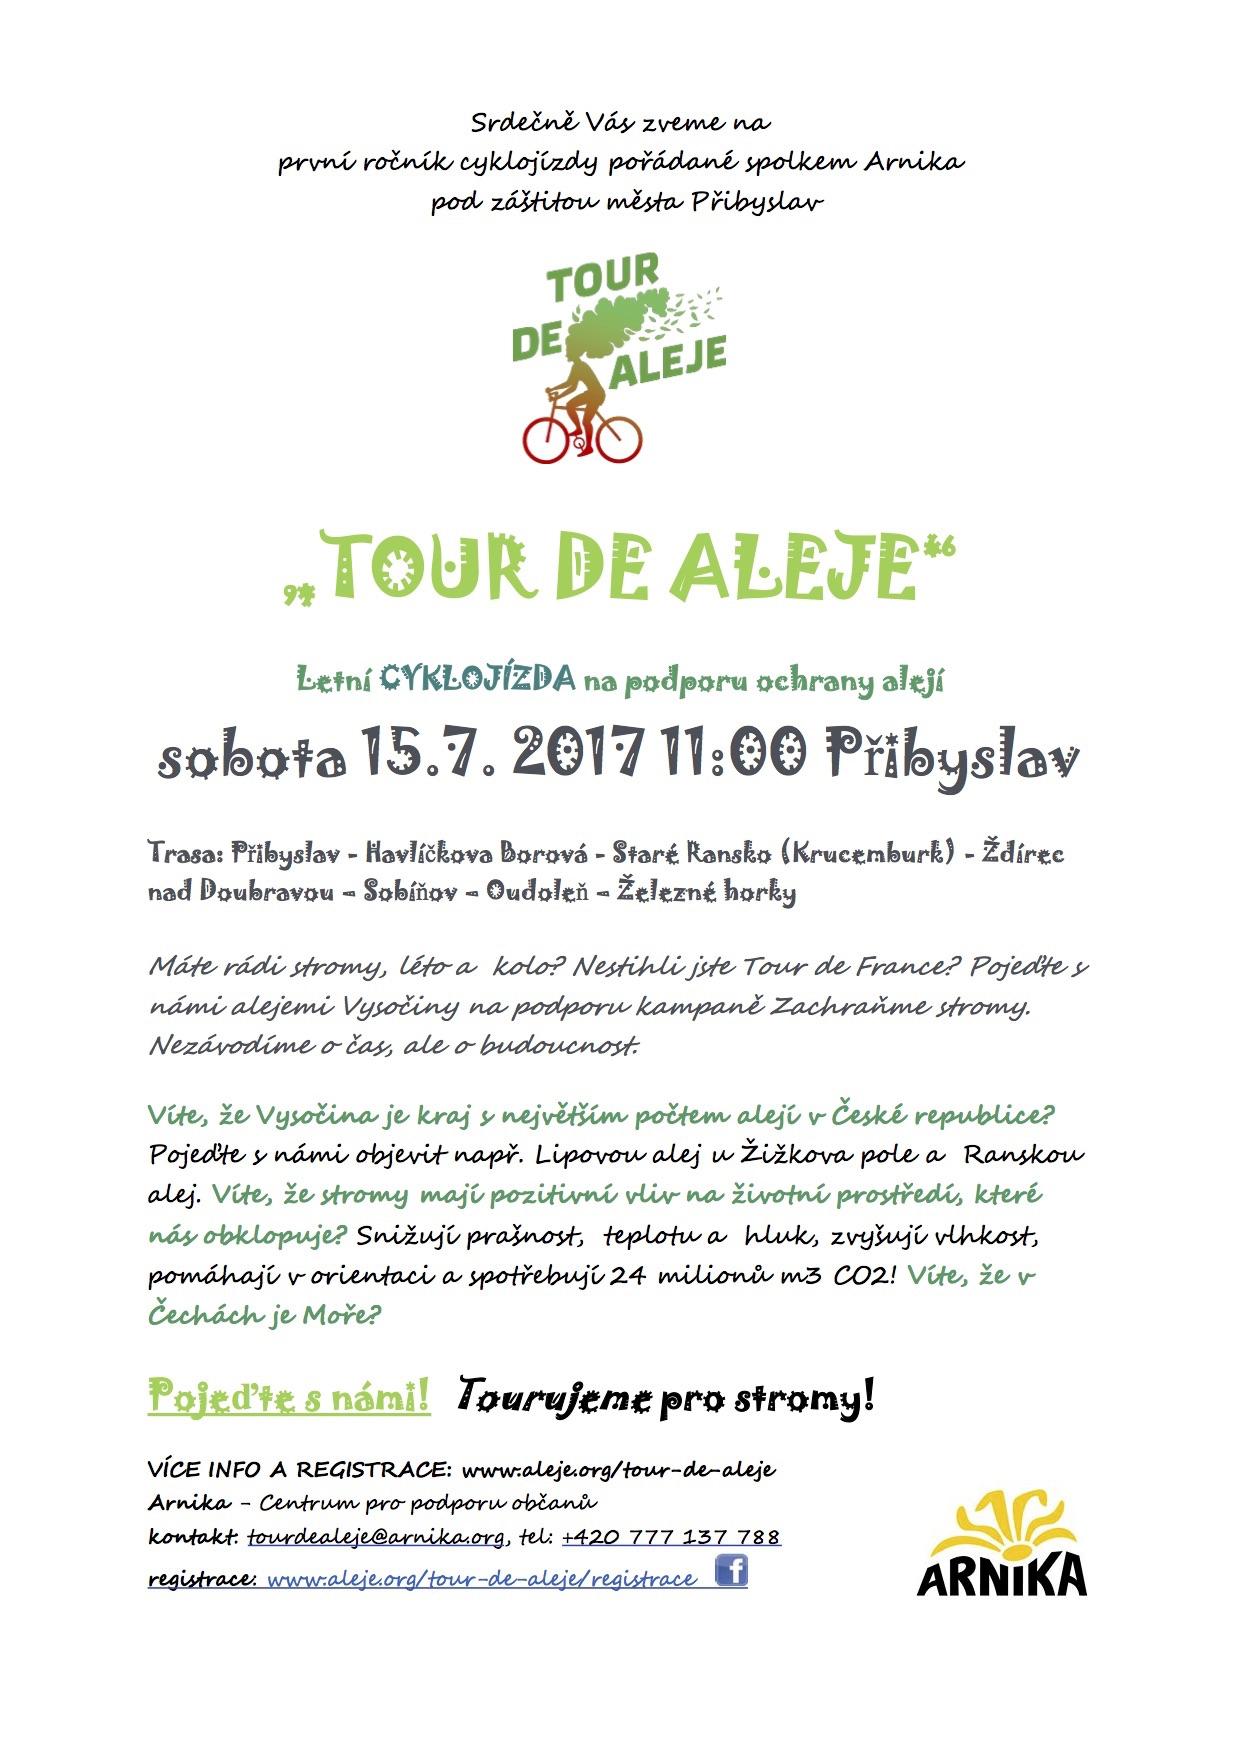 TOUR DE ALEJE